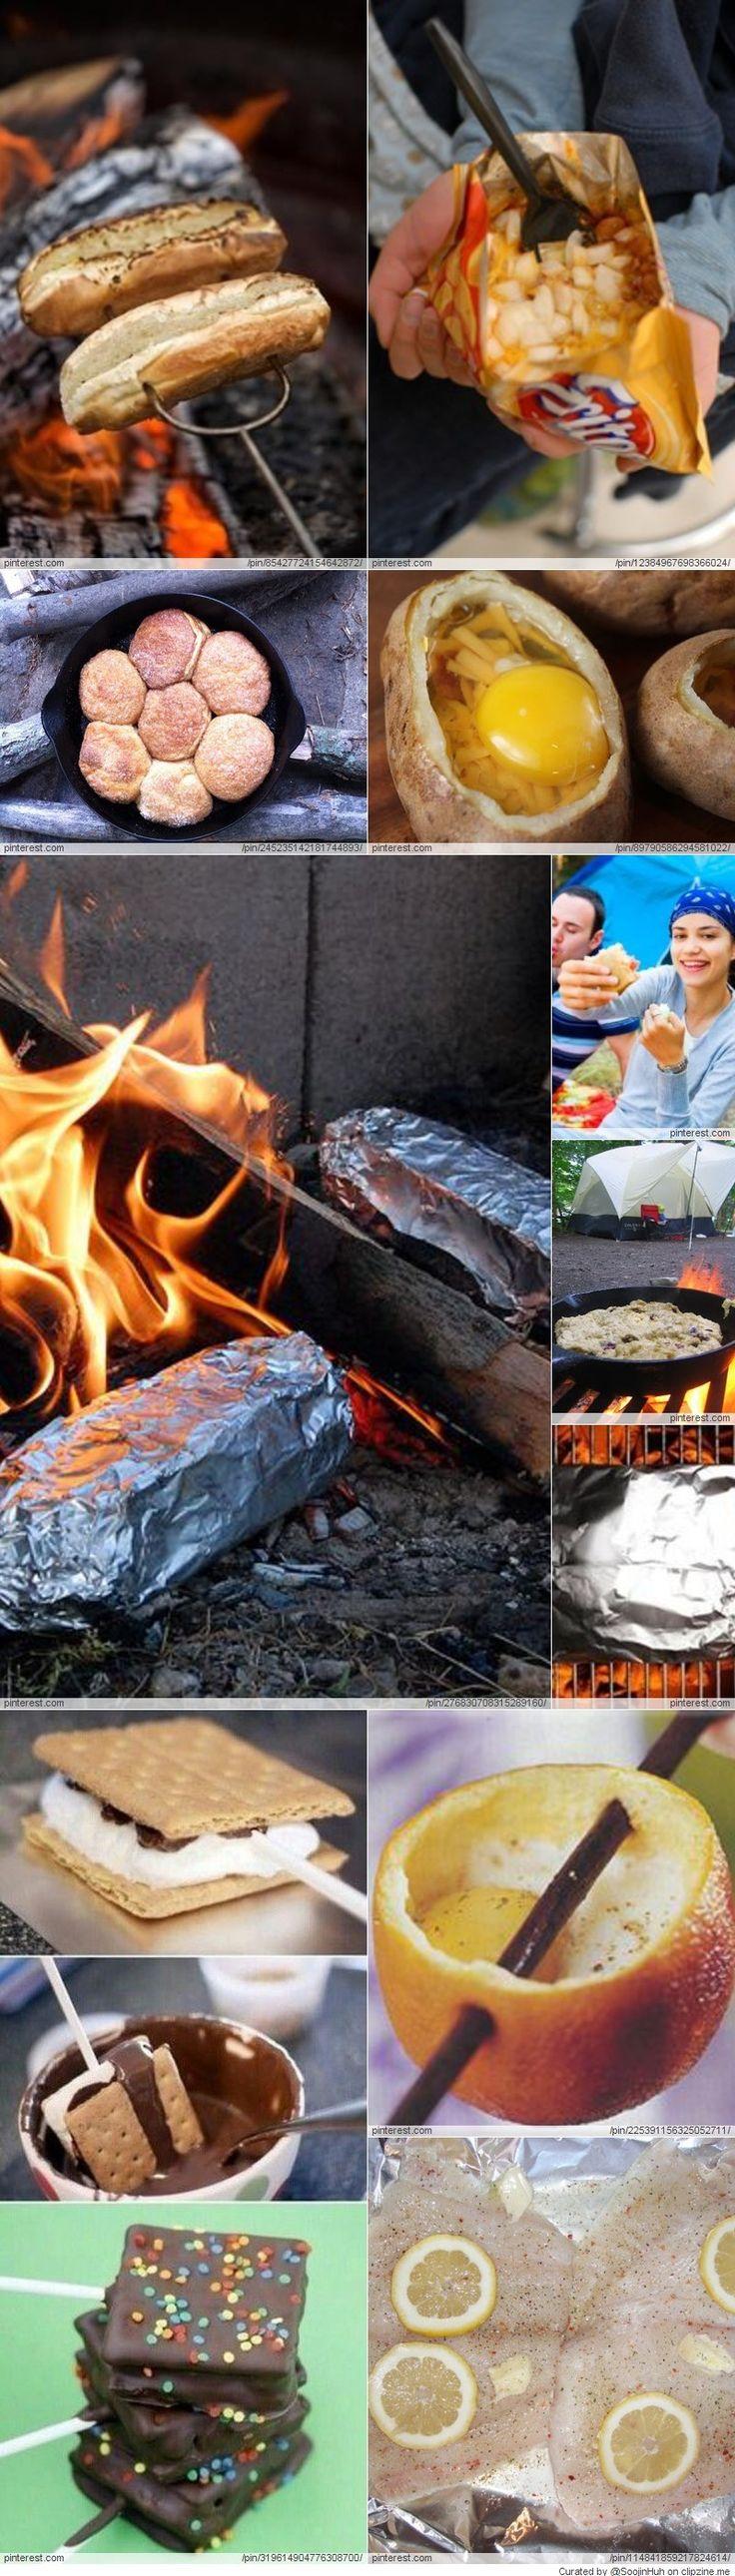 camping food.